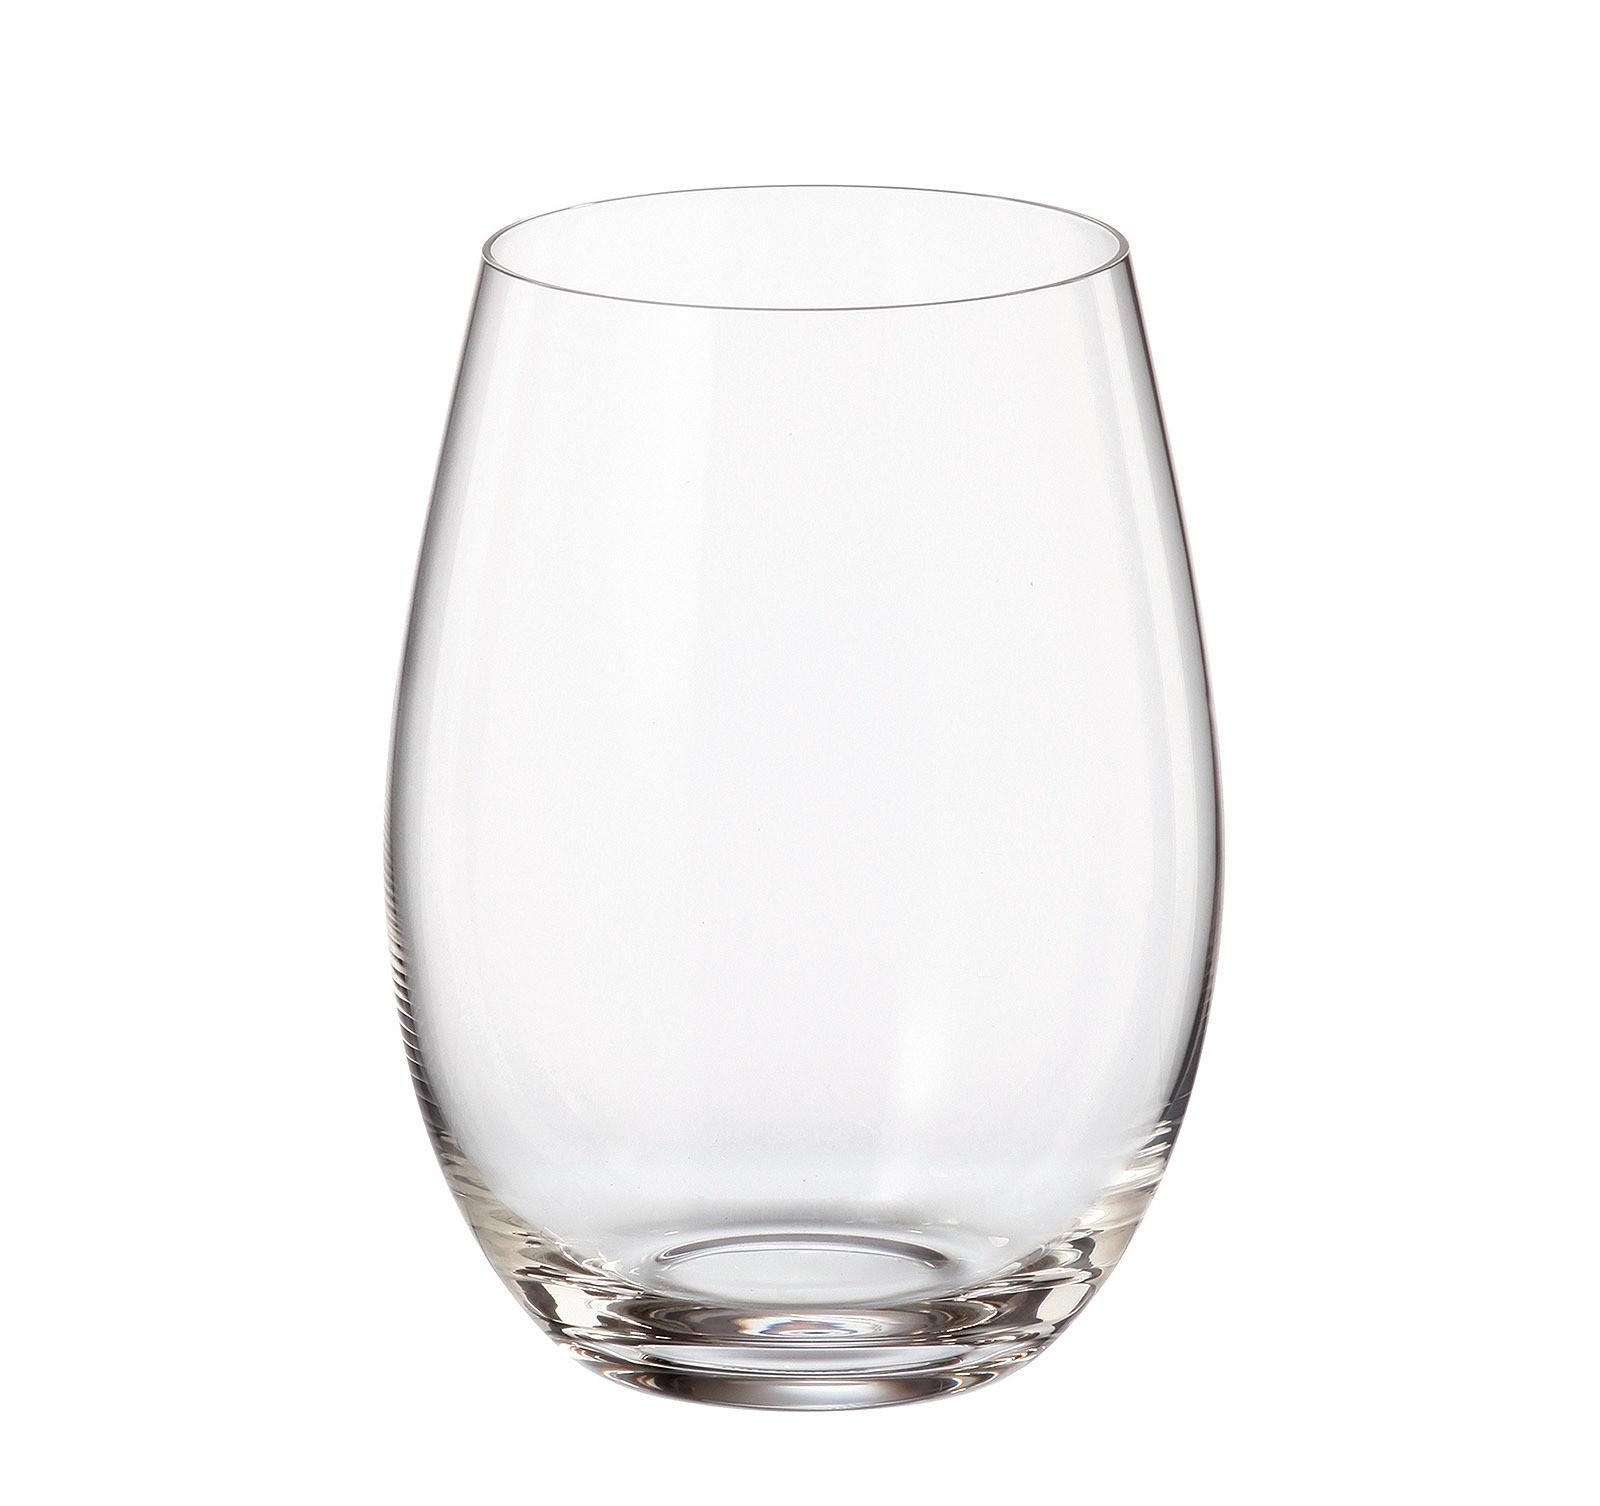 Ποτήρι Νερού - Αναψυκτικού Mergus Σετ 6Τμχ Κρυστάλλινο 560ml Bohemia home   ειδη σερβιρισματος   ποτήρια